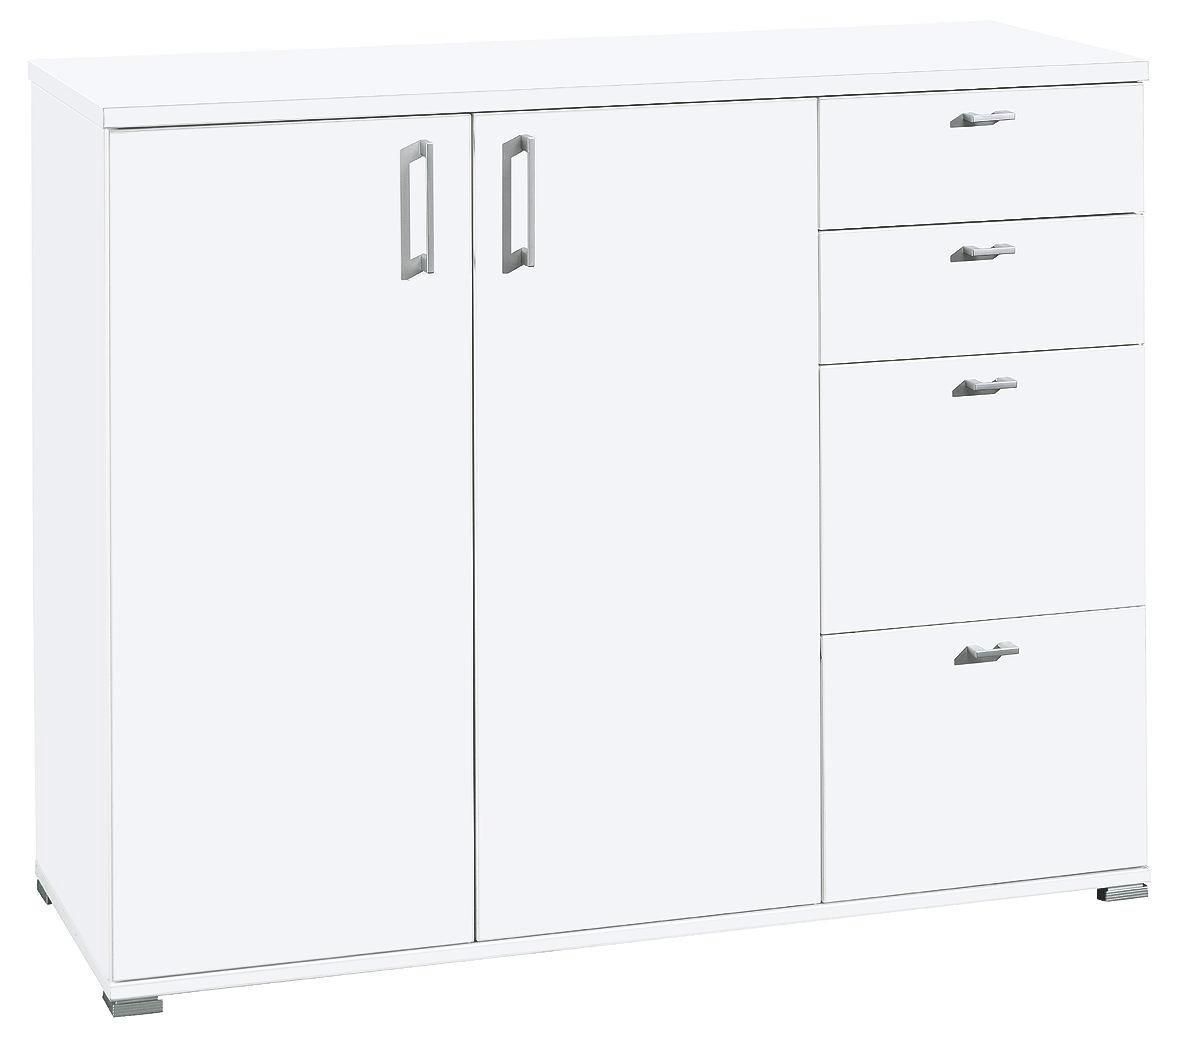 KOMMODE in Weiß - Silberfarben/Weiß, Design, Holzwerkstoff/Kunststoff (131/103/43cm) - CS SCHMAL